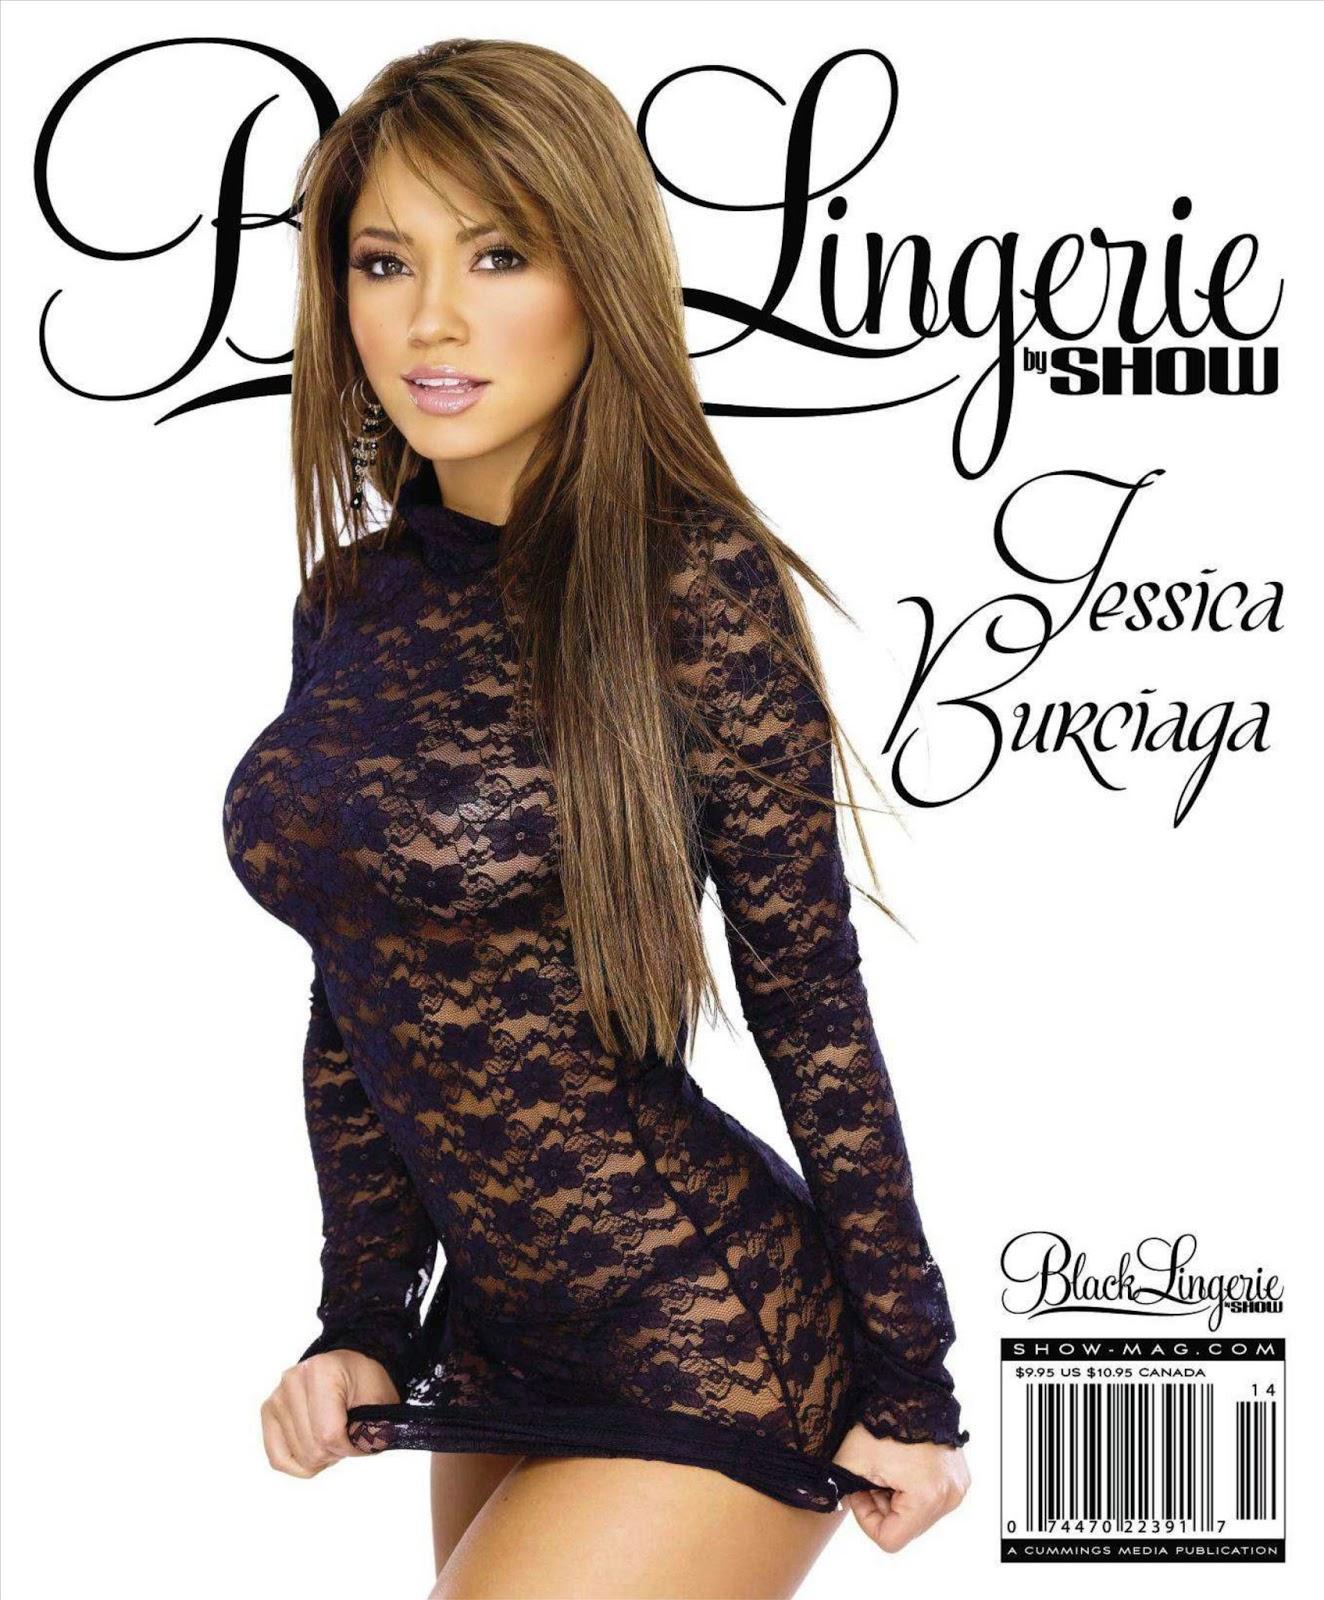 Men Magazine - Magazine cover